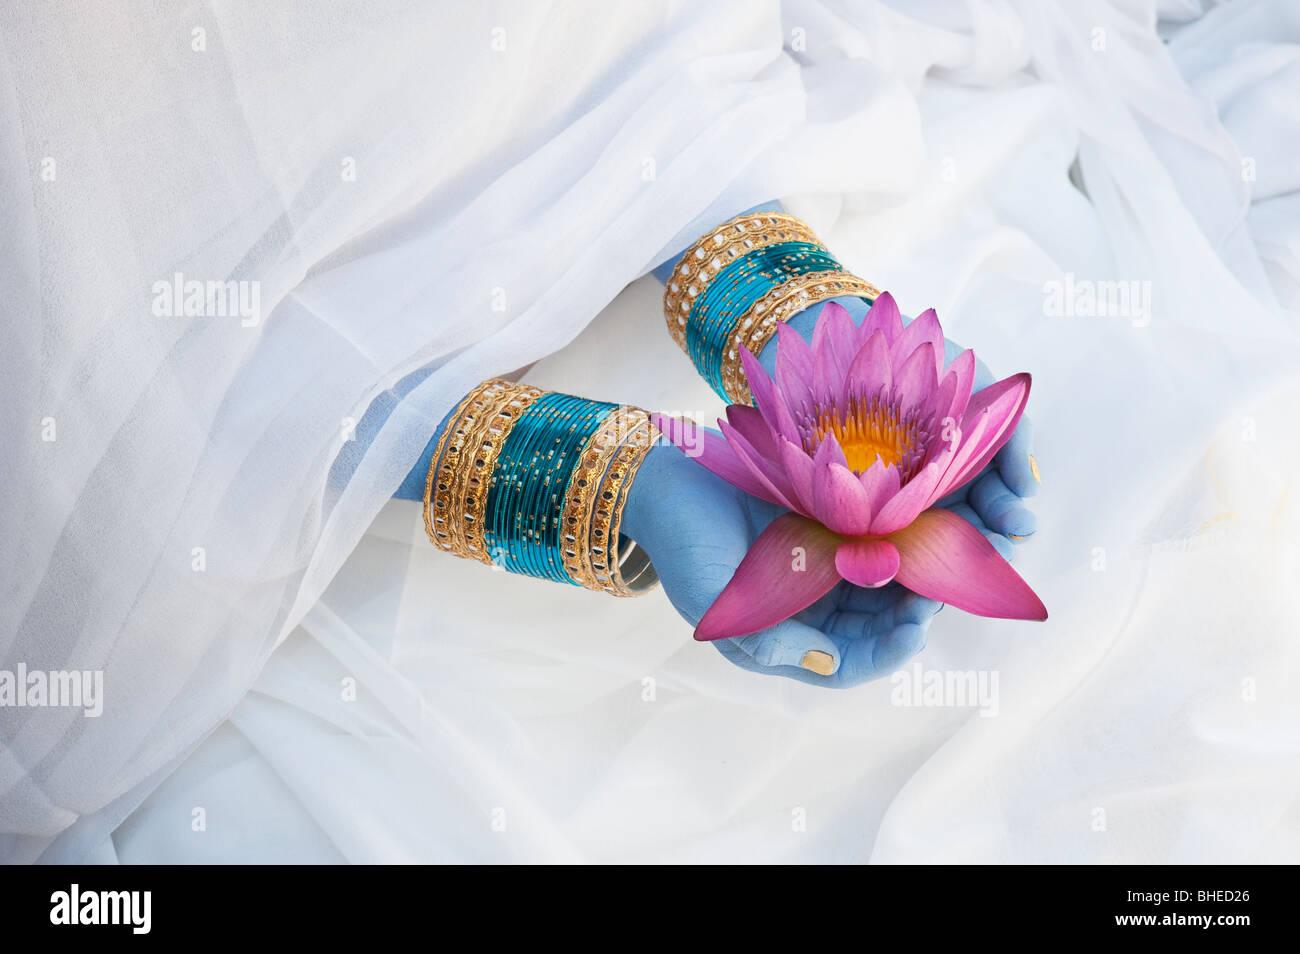 Ragazza indiana offre un Nymphaea tropicale Fiore di ninfea blu con mani dipinte e bracciali. India Immagini Stock